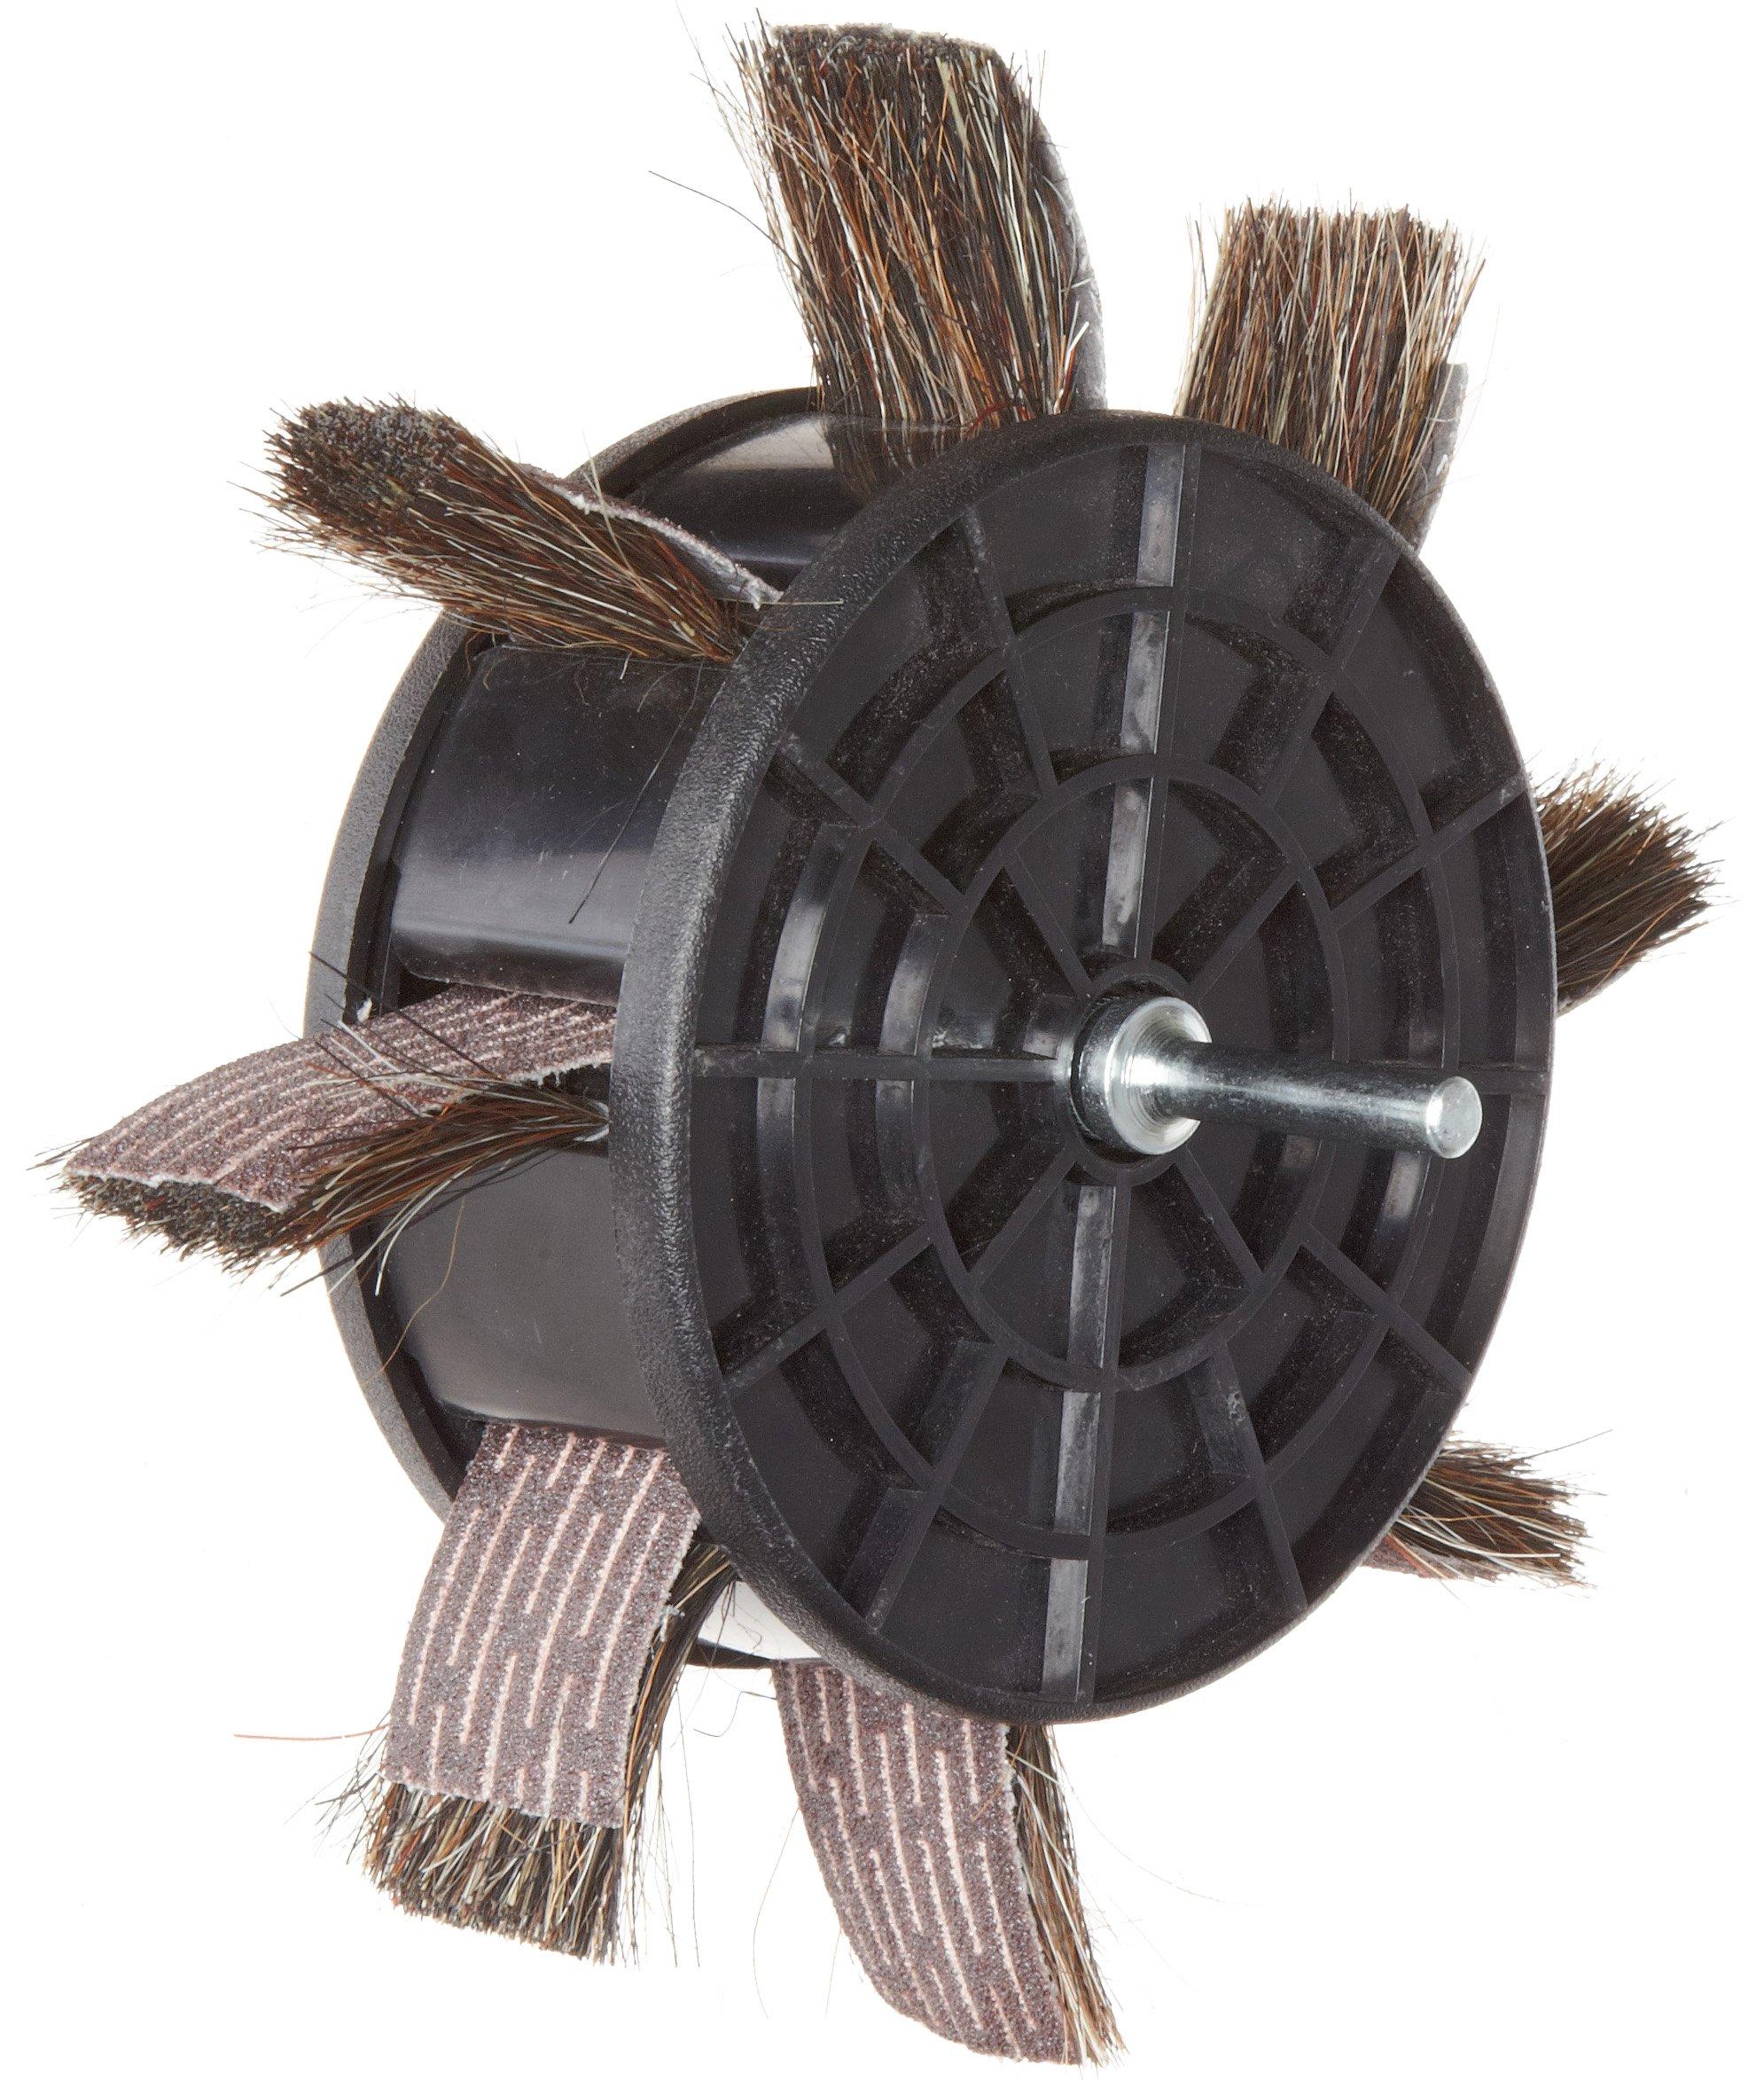 Merit 350-RP Sand-O-Flex Abrasive Wheel, Round Shank, Aluminum Oxide, 6-1/2'' Diameter x 1'' Width, Grit 80 (Pack of 1)